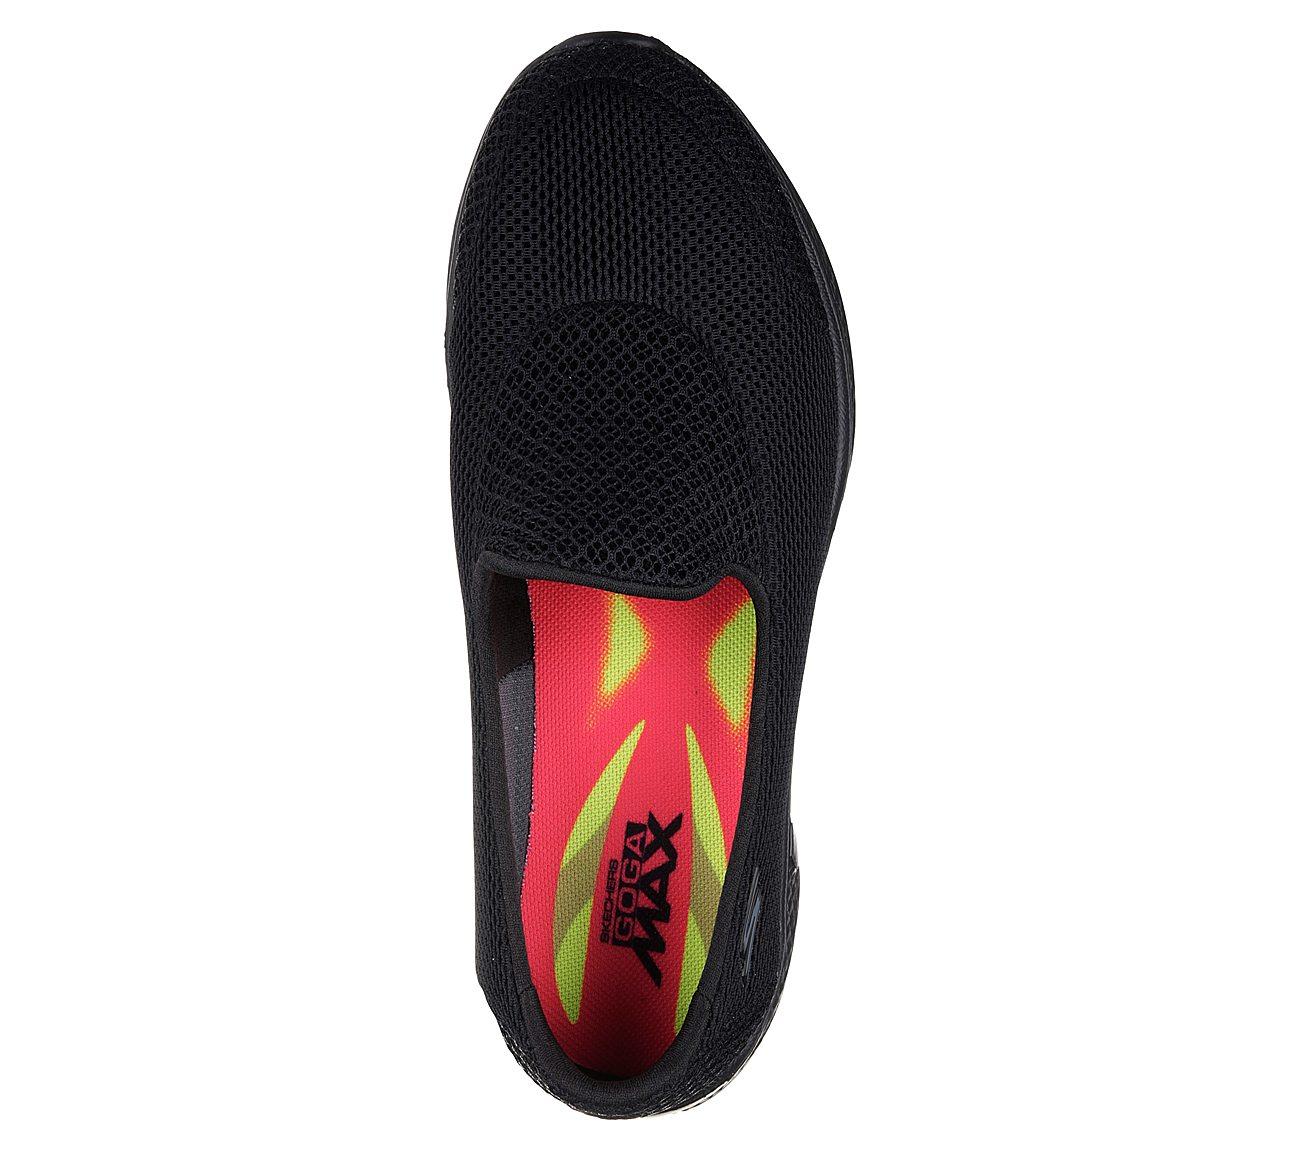 cabefa5a Buy SKECHERS Skechers GOwalk 4 - Propel Skechers Performance Shoes ...